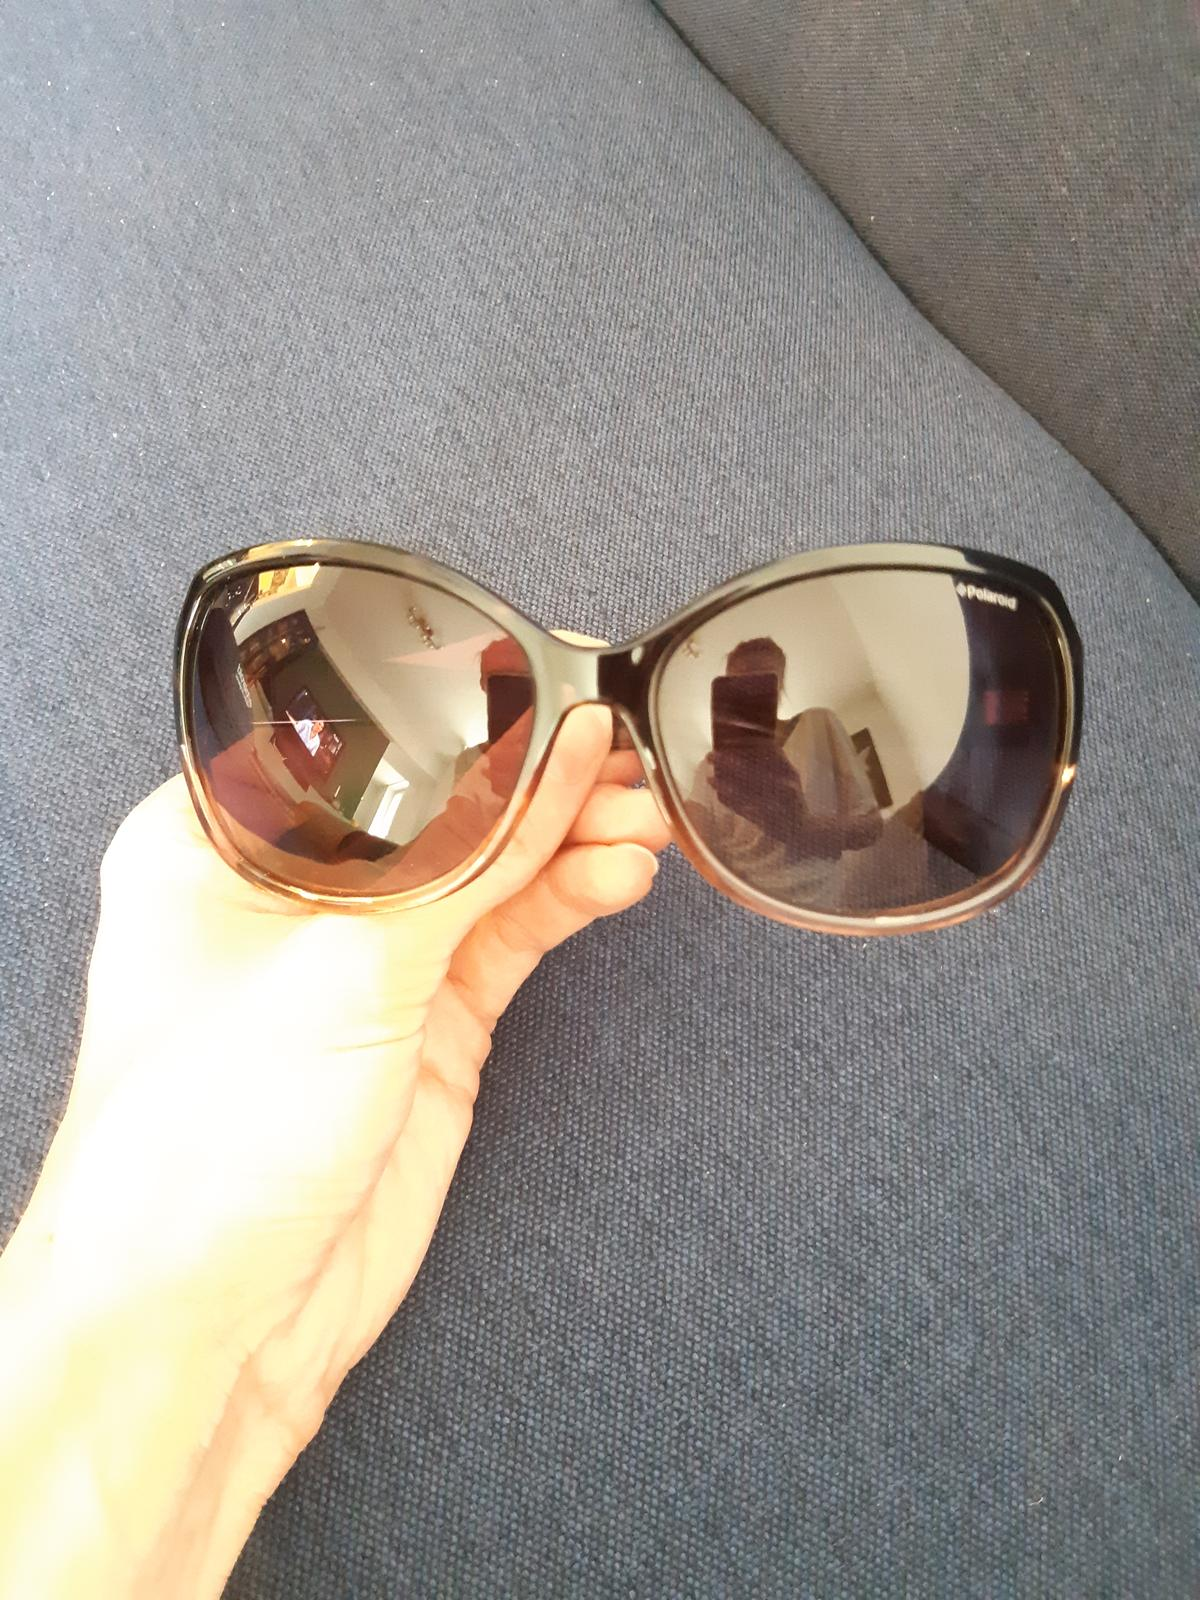 Slnečné okuliare Polaroid - Obrázok č. 1